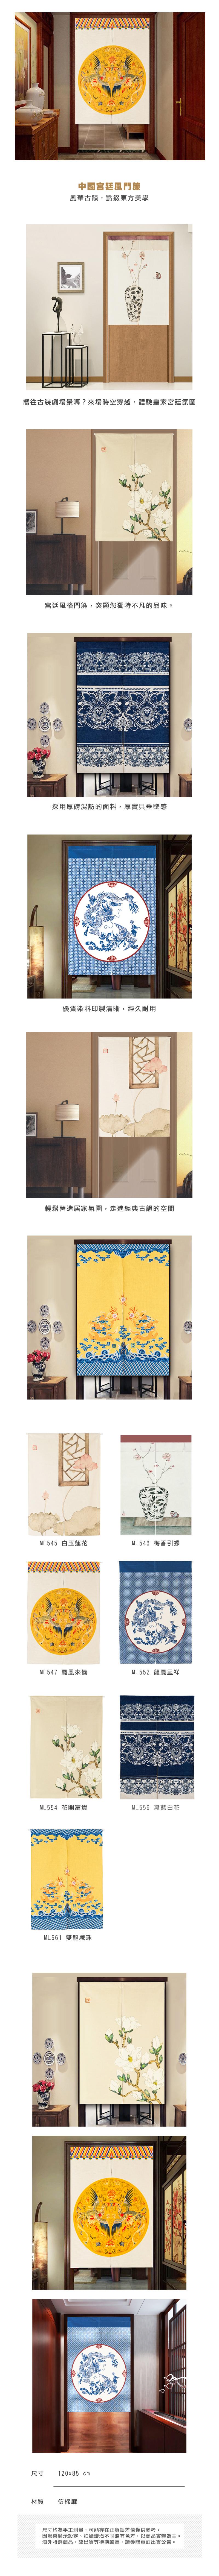 中國宮廷風門簾2021